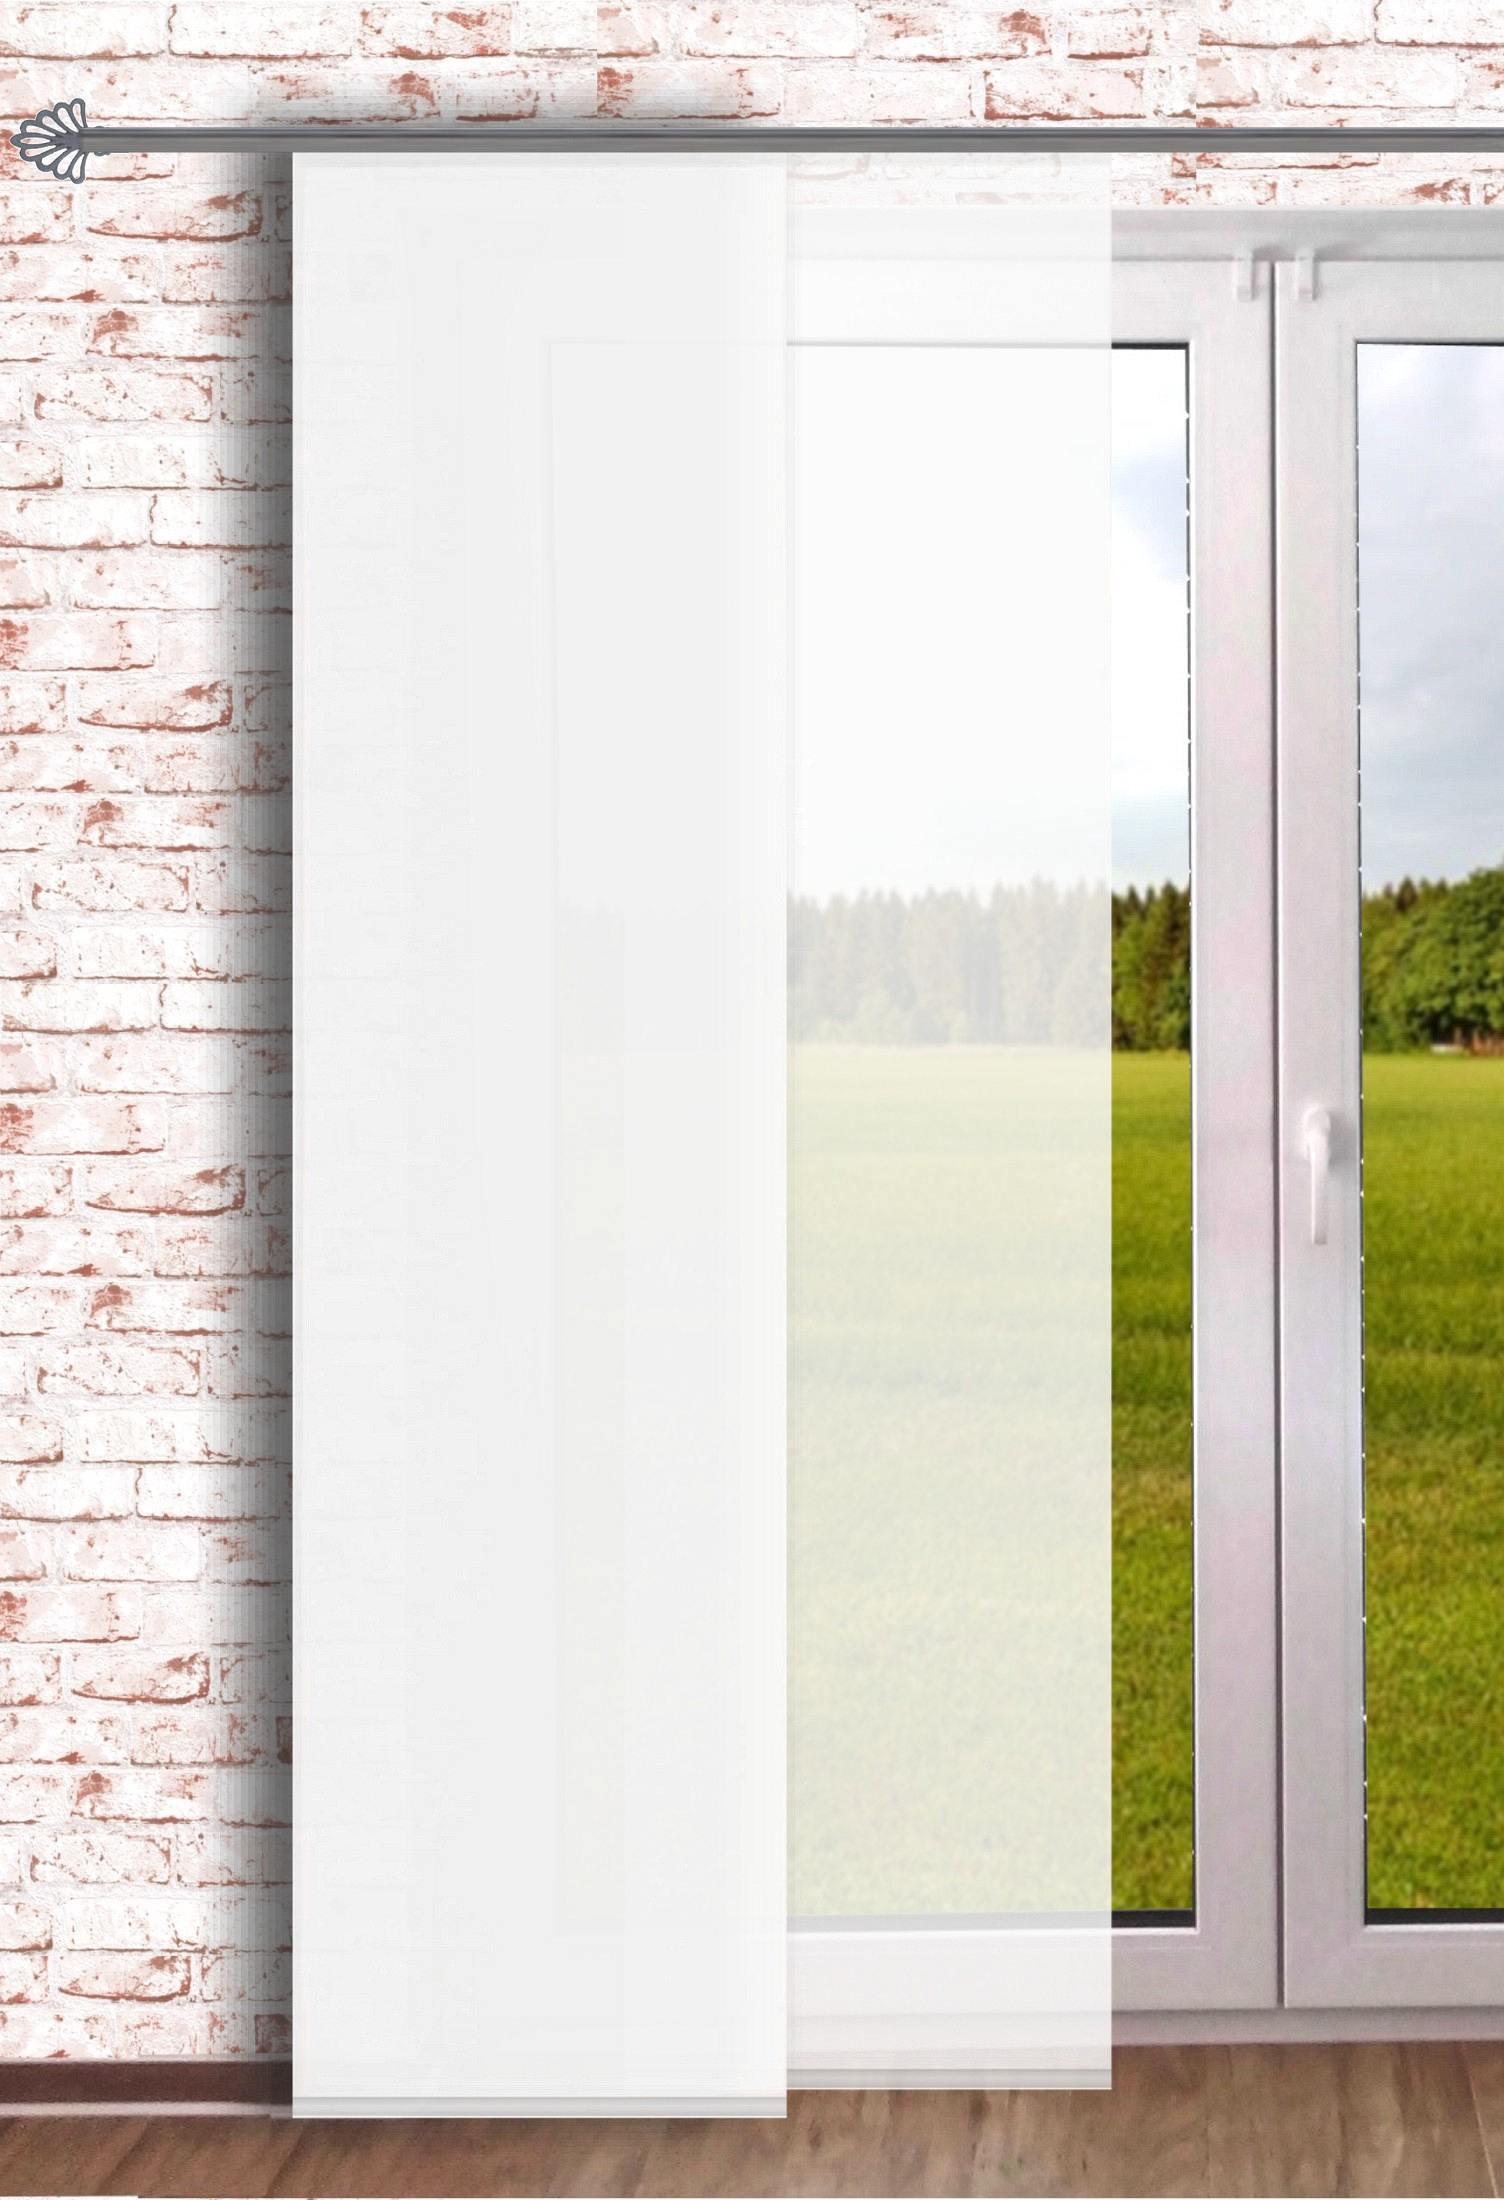 gardinen welt online shop schiebevorhang raumteiler fl chenvorhang uni wei